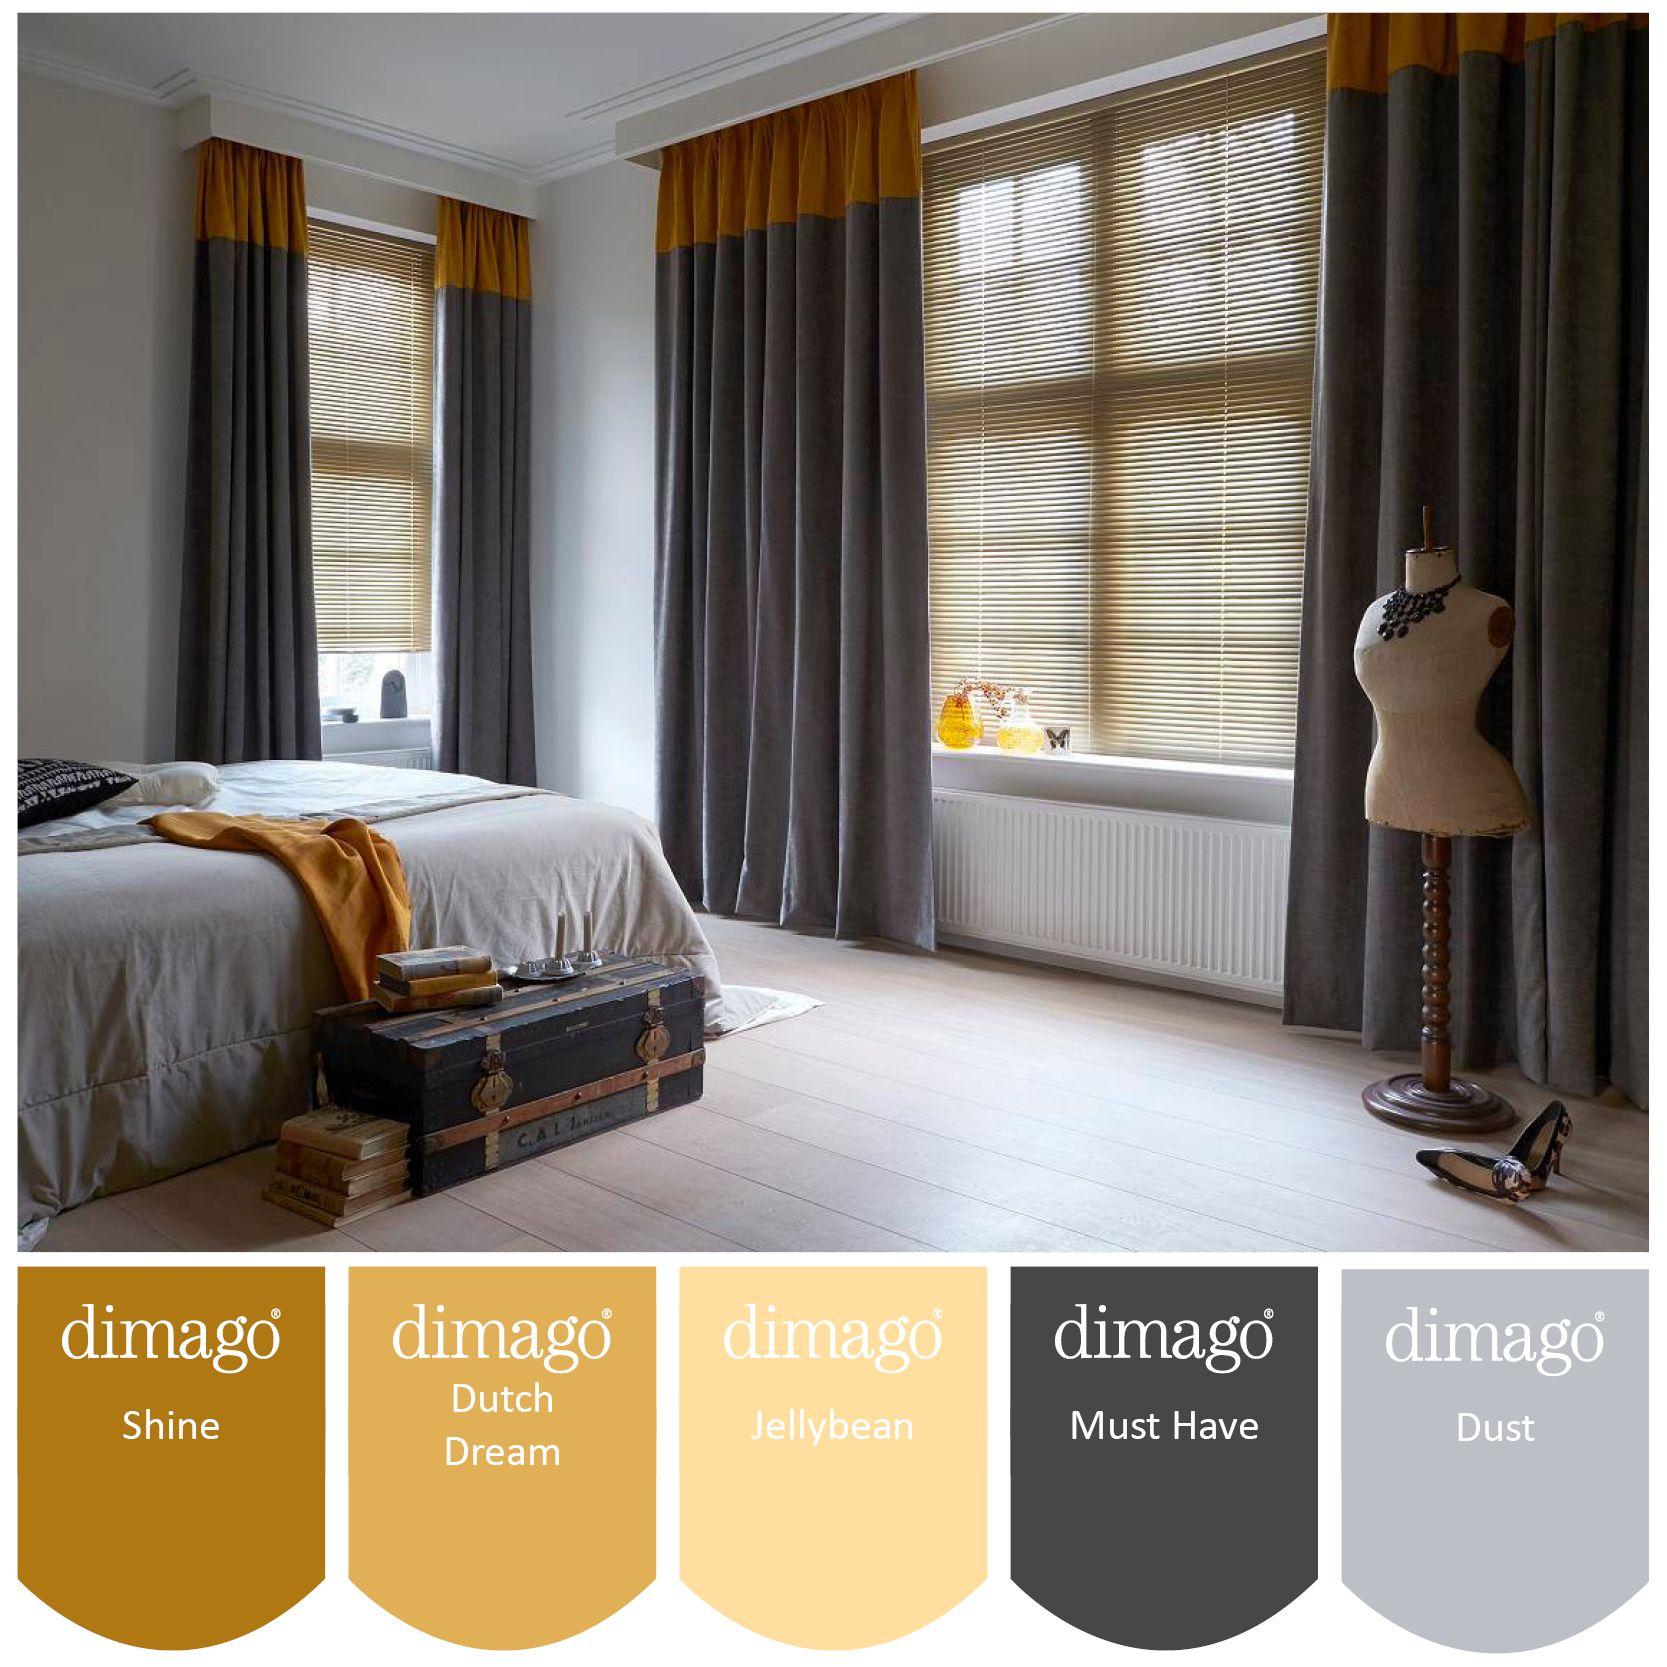 1000  images about dimago kleur inspiratie / dimago color ...